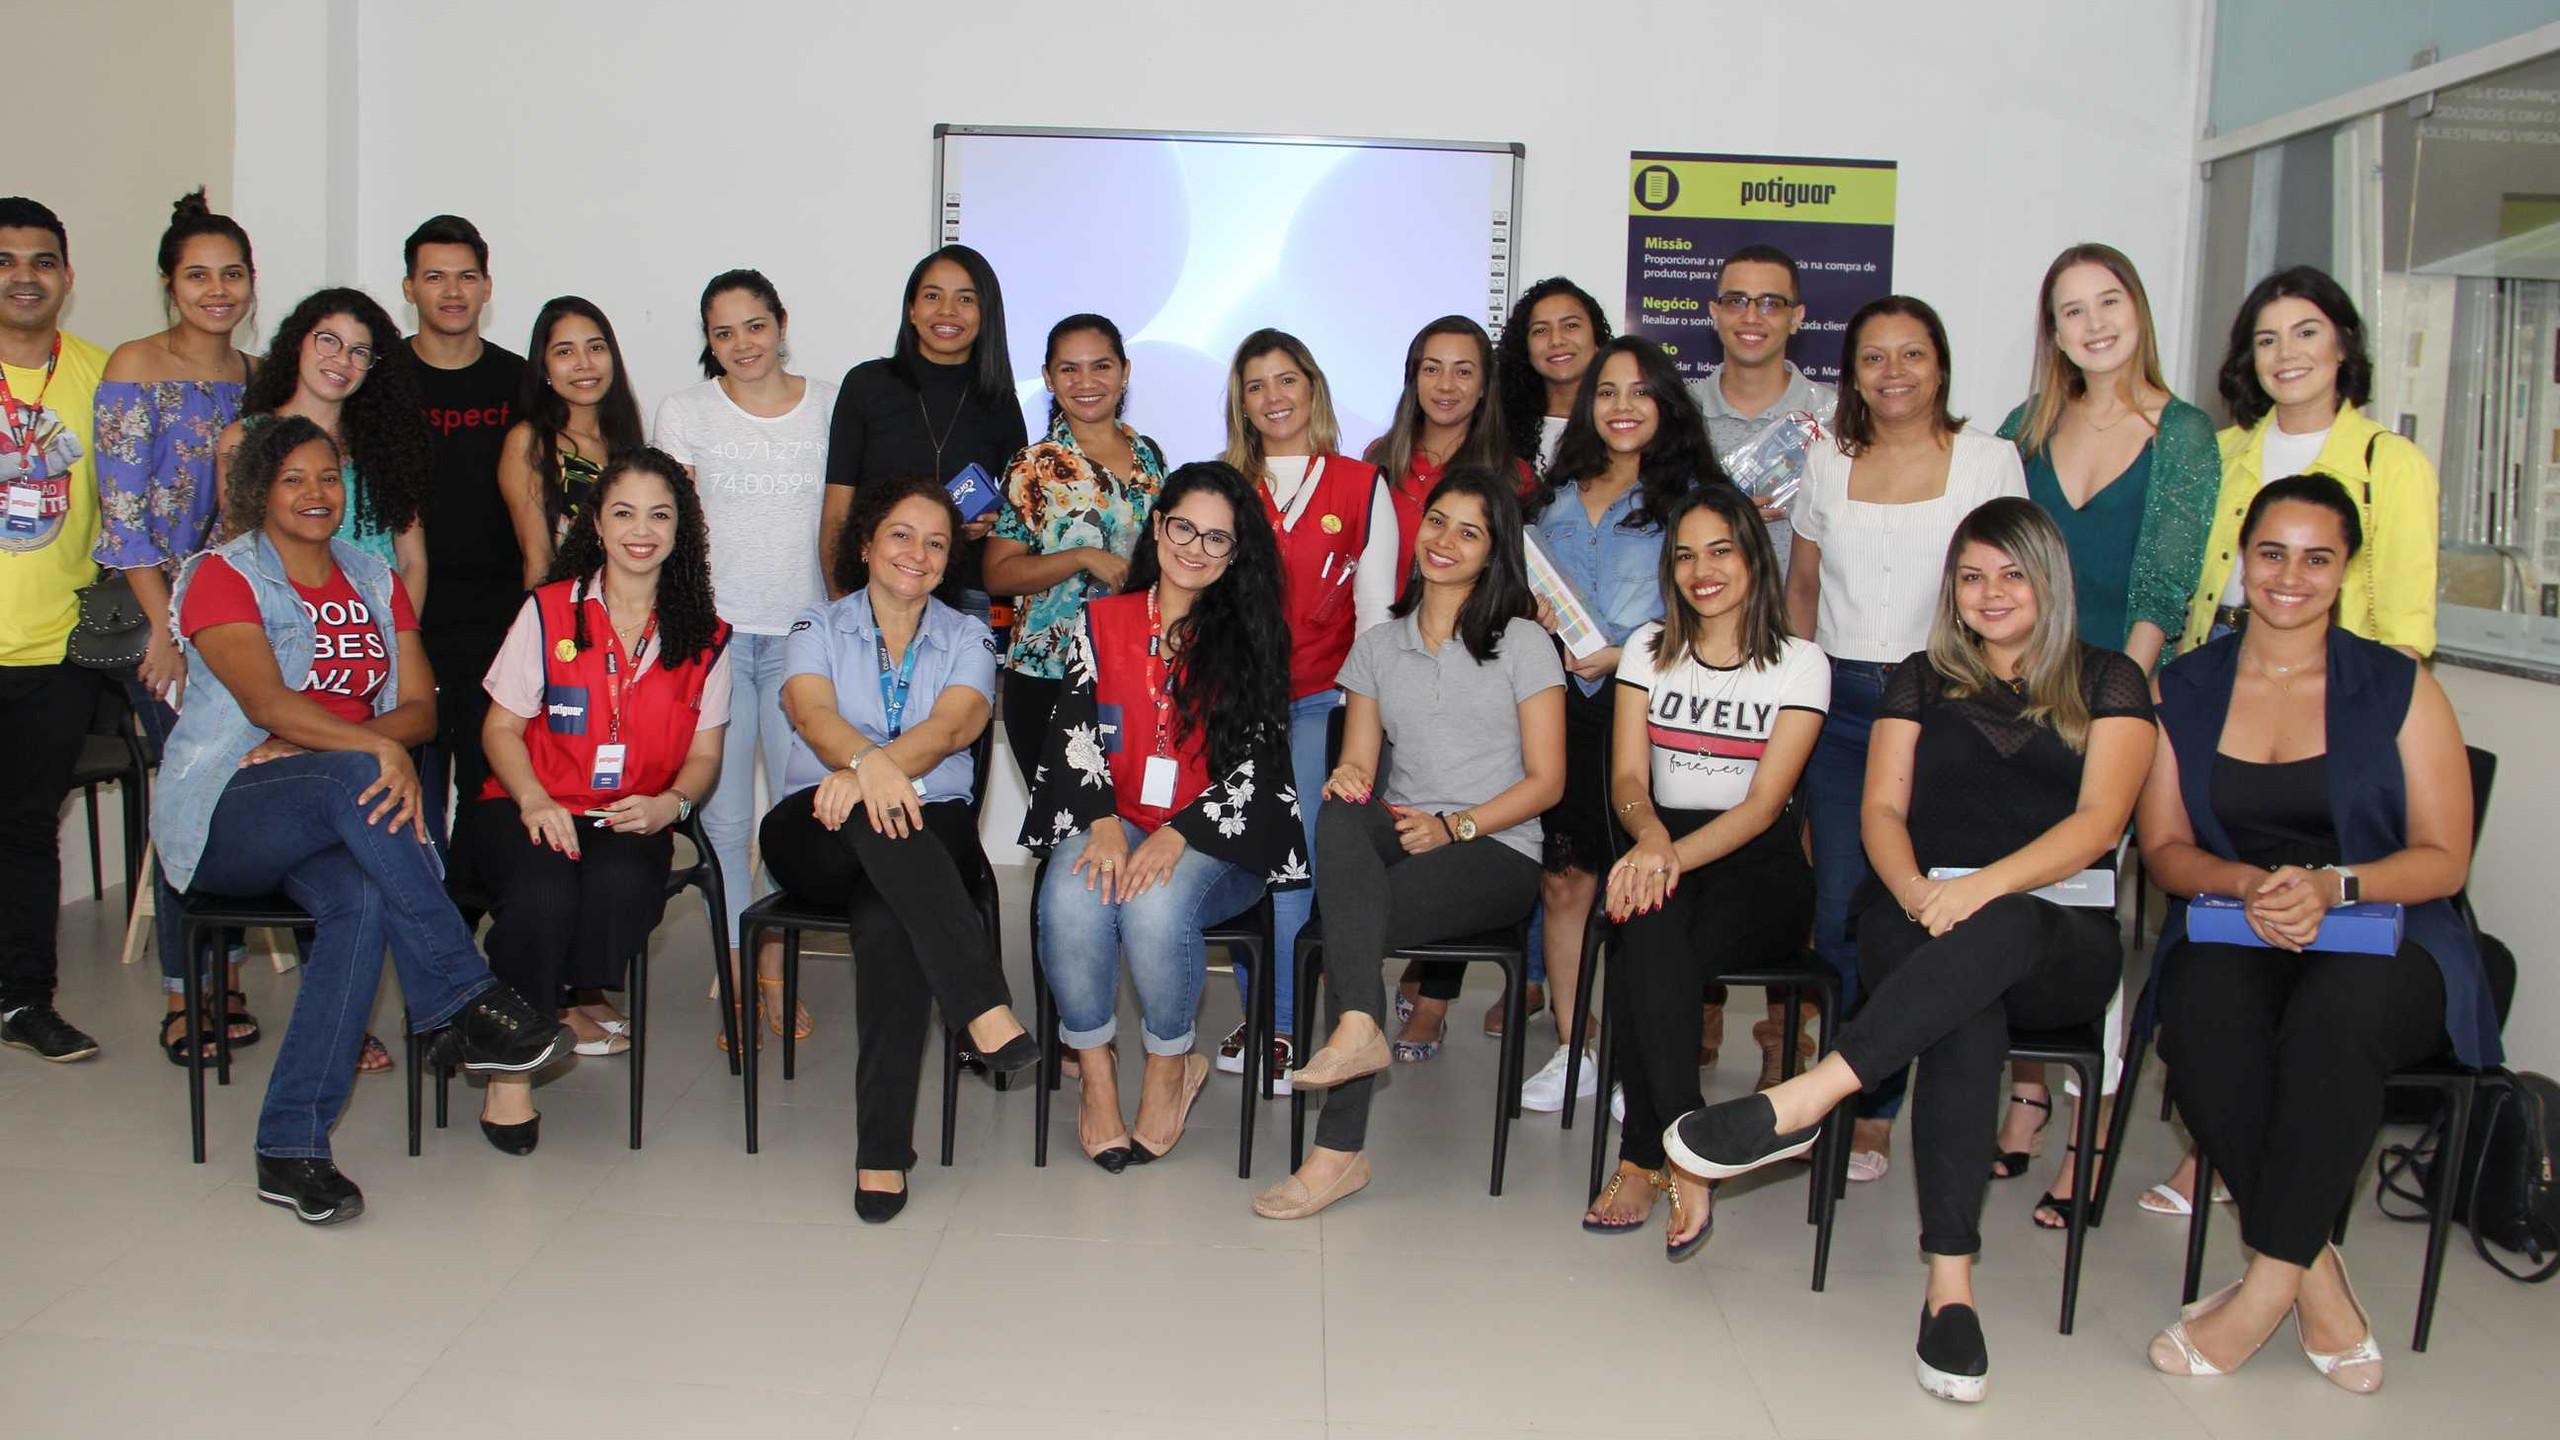 """Grupo de profissionais presentes à inauguração do novo """"Espaço do Arquiteto"""" na Potiguar do Cohafuma."""